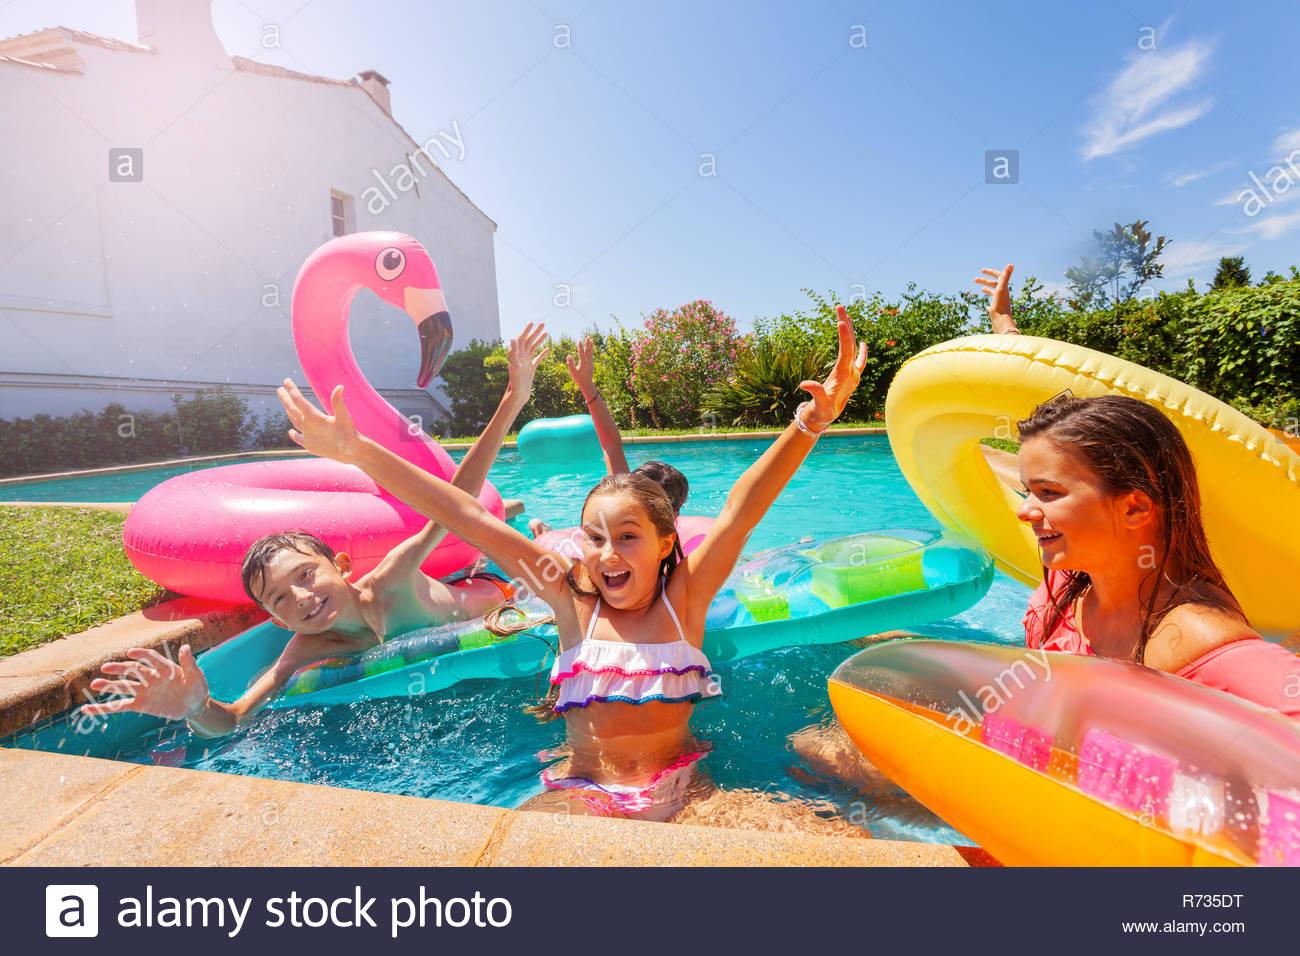 Jouer À Des Jeux De Fille Avec Des Amis Au Cours De Pool à Jouer A Des Jeux De Fille